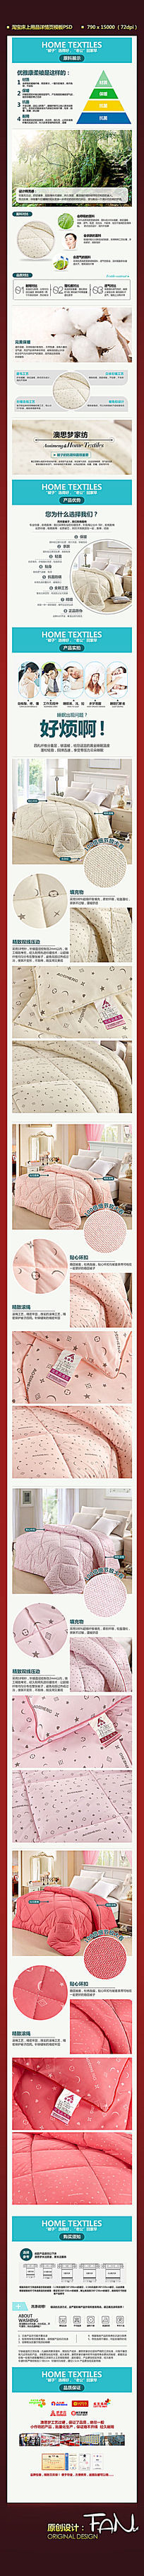 淘宝家纺被套宝贝详情页模板设计